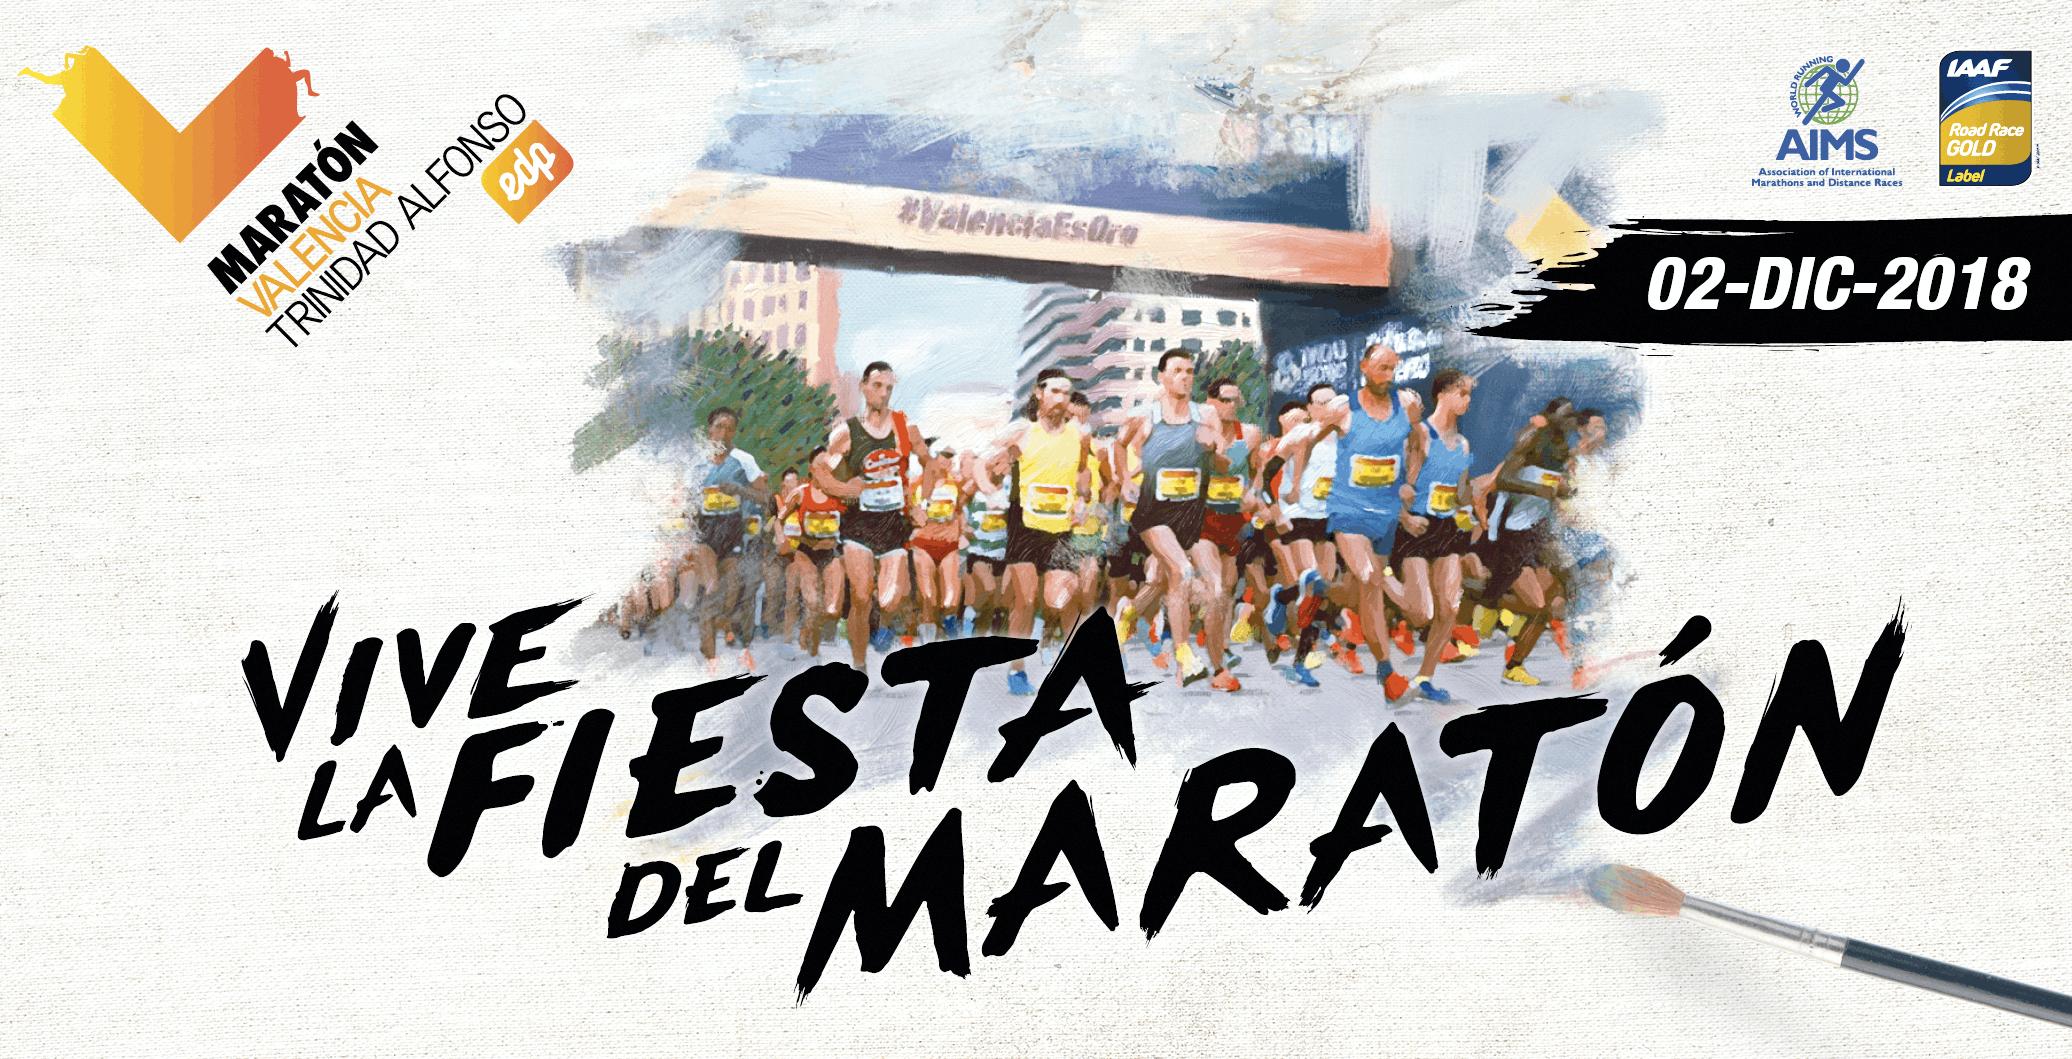 Campaña publicitaria del Maratón de Valencia, 2018